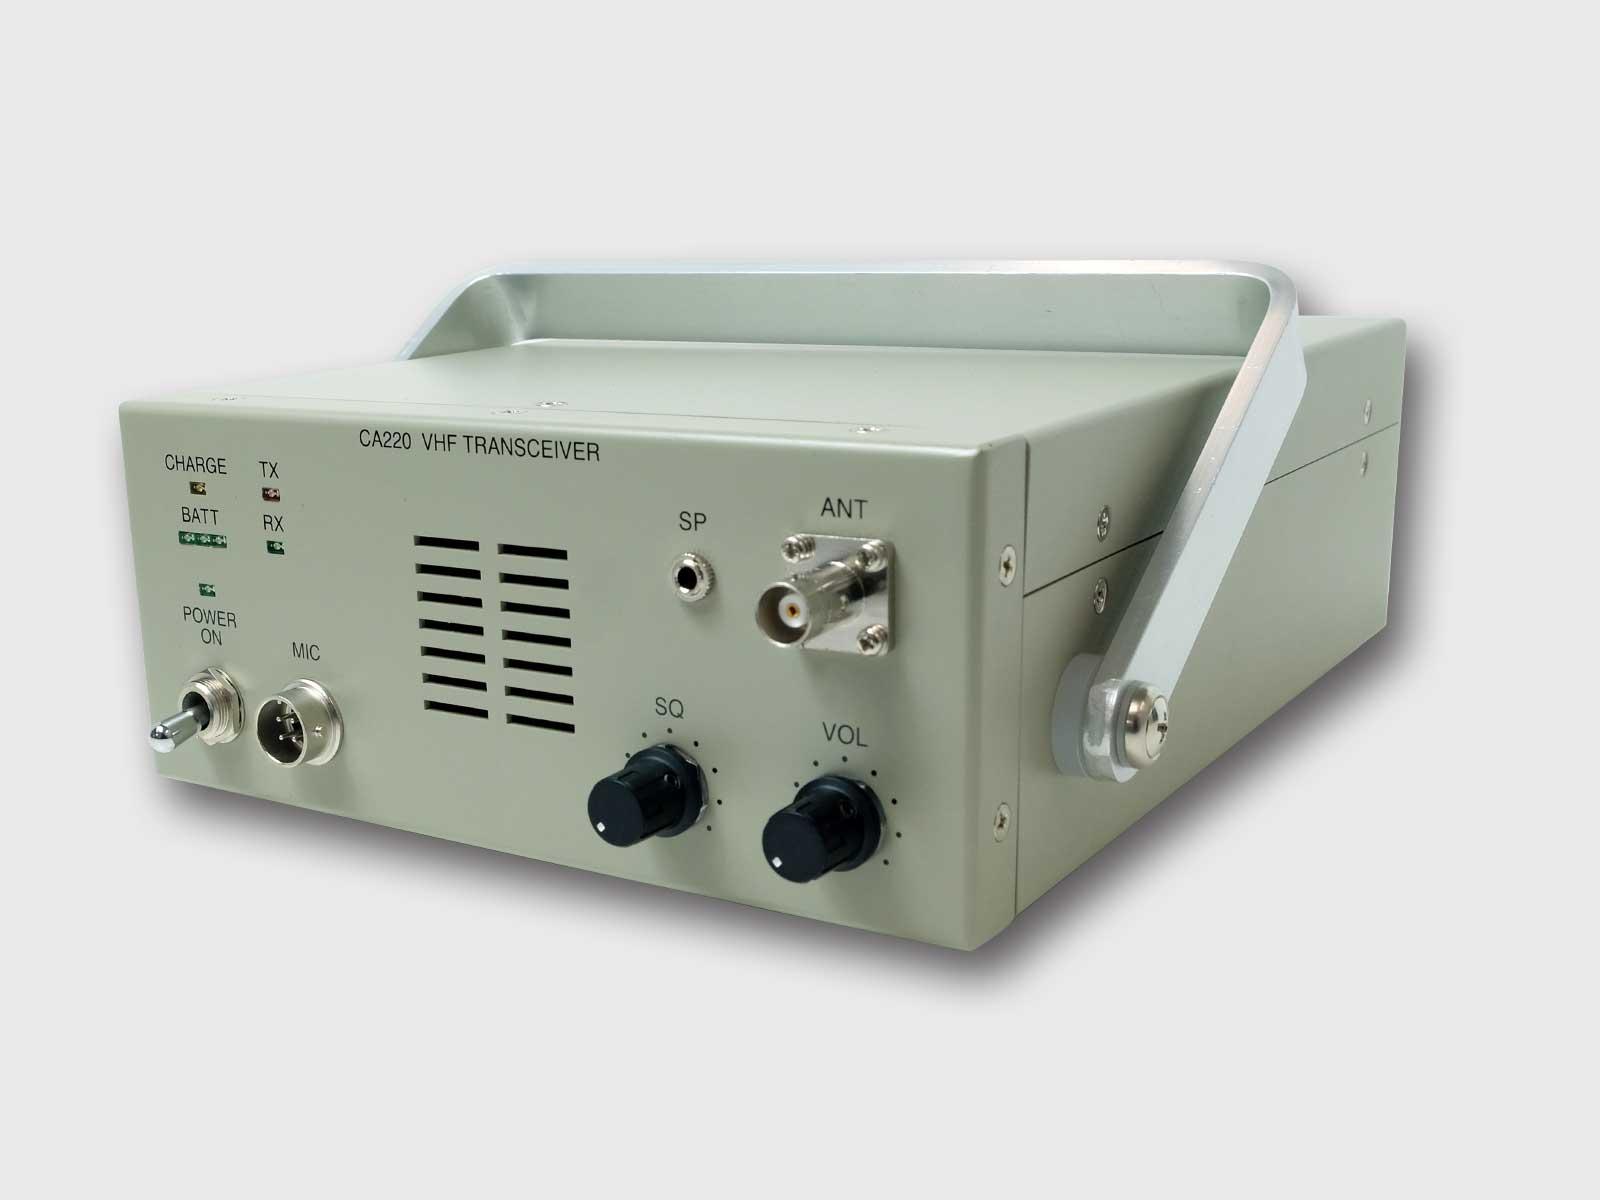 可搬型VHF無線送受信装置 CA220